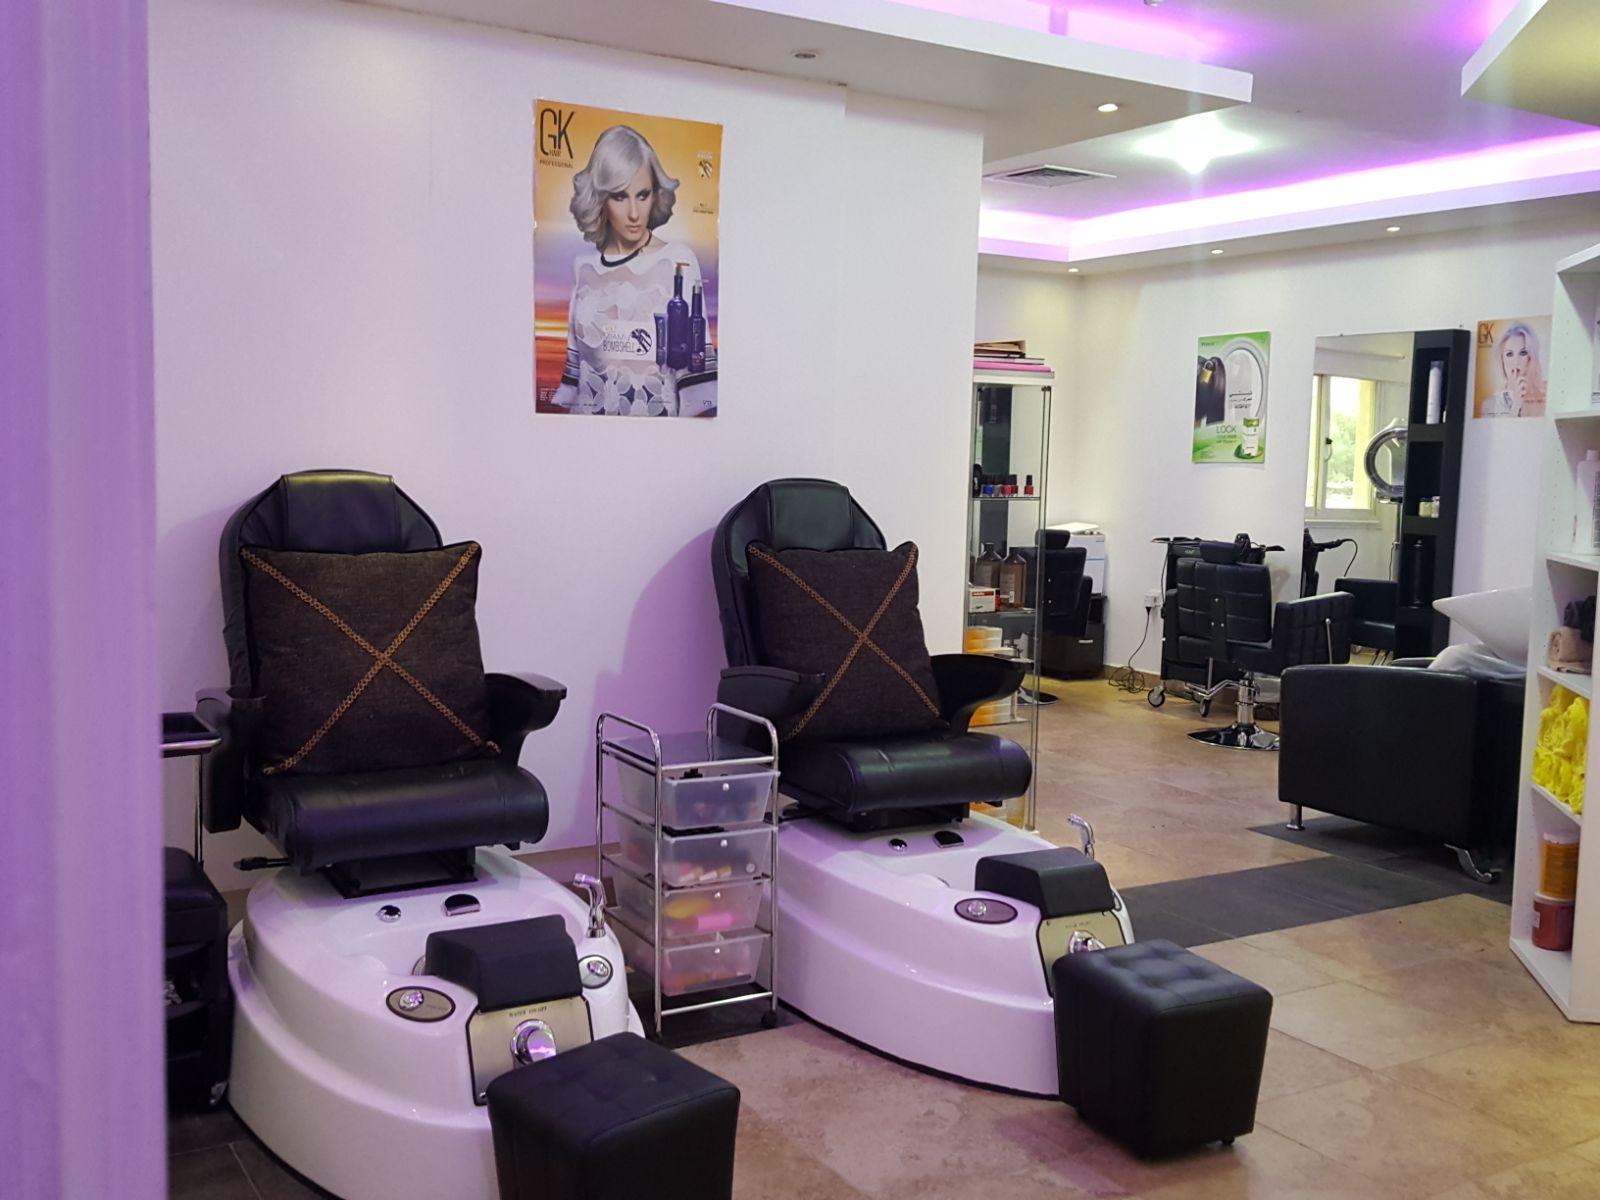 معهد و صالون استيفيا سنتر لتجميل السيدات